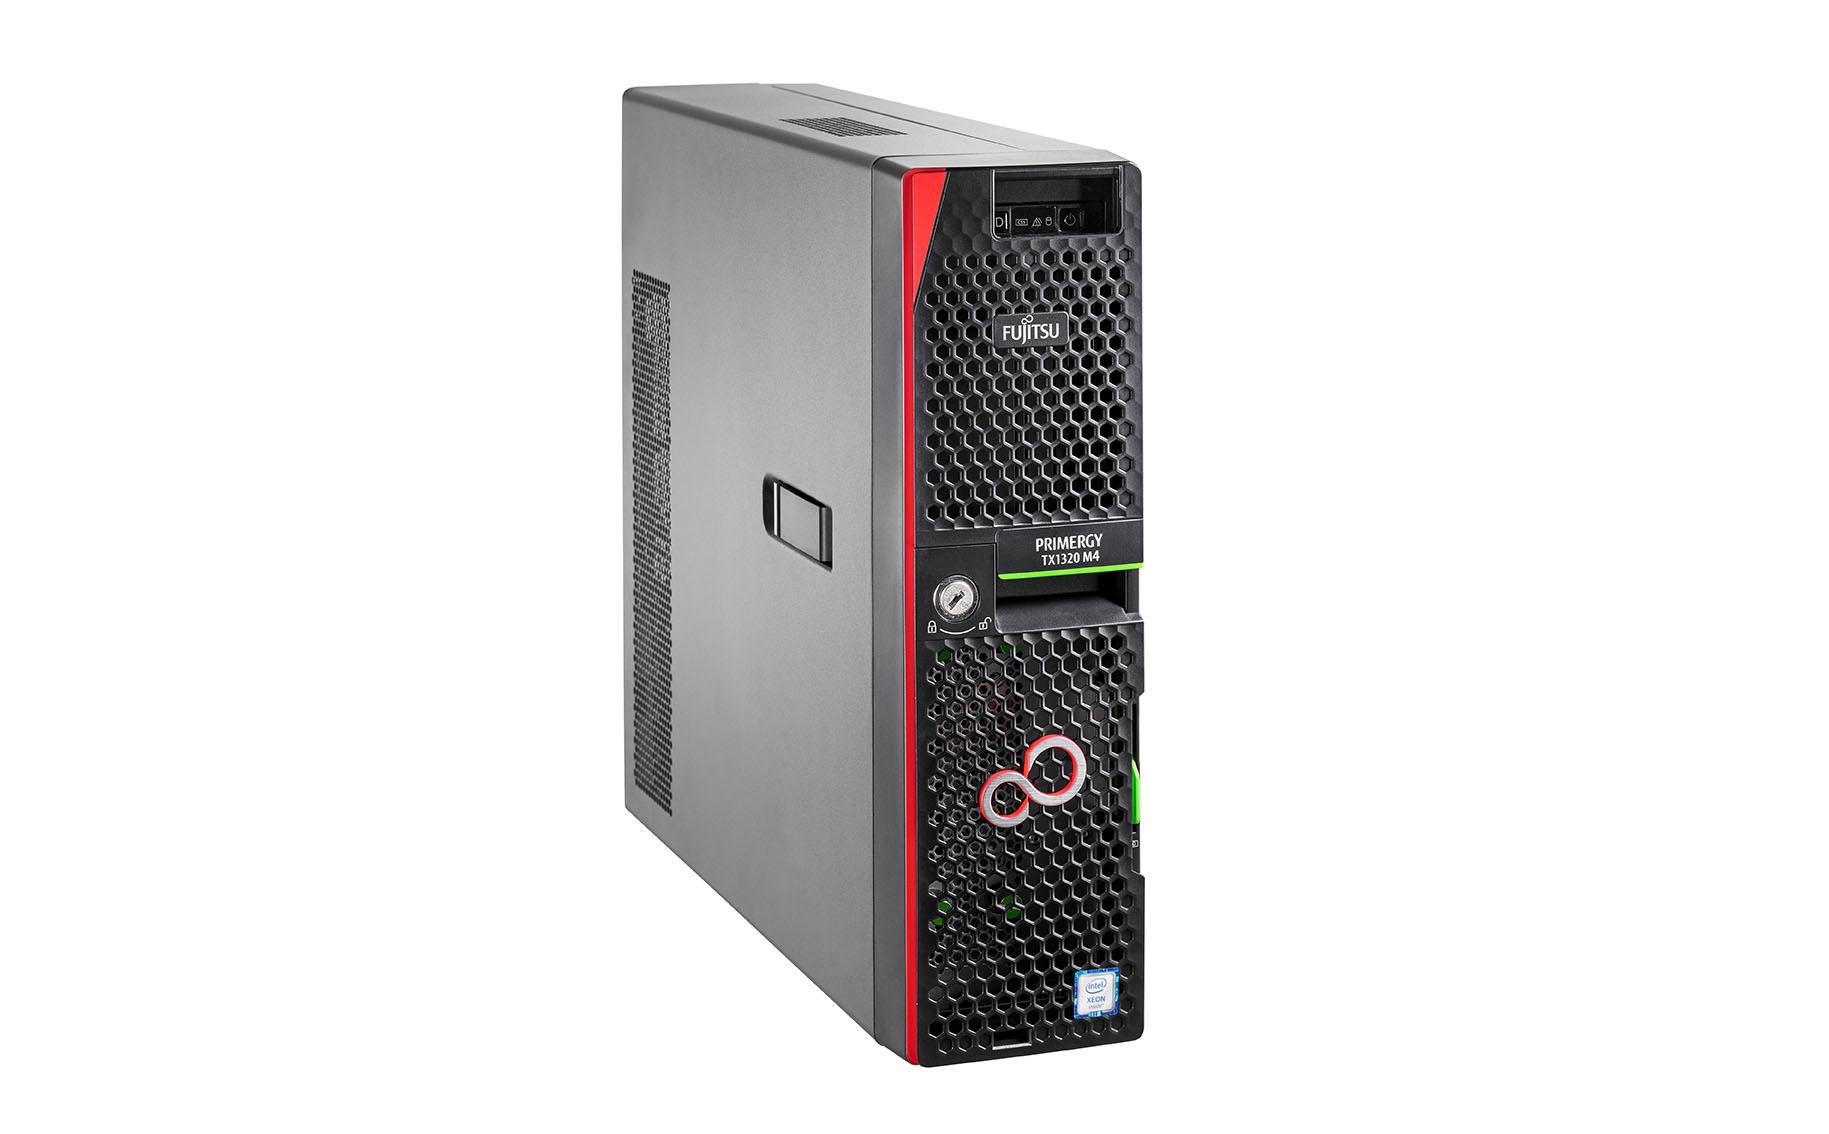 Fujitsu PRIMERGY TX1320M4 server 3.3 GHz 16 GB Tower Intel® Xeon® 450 W DDR4-SDRAM